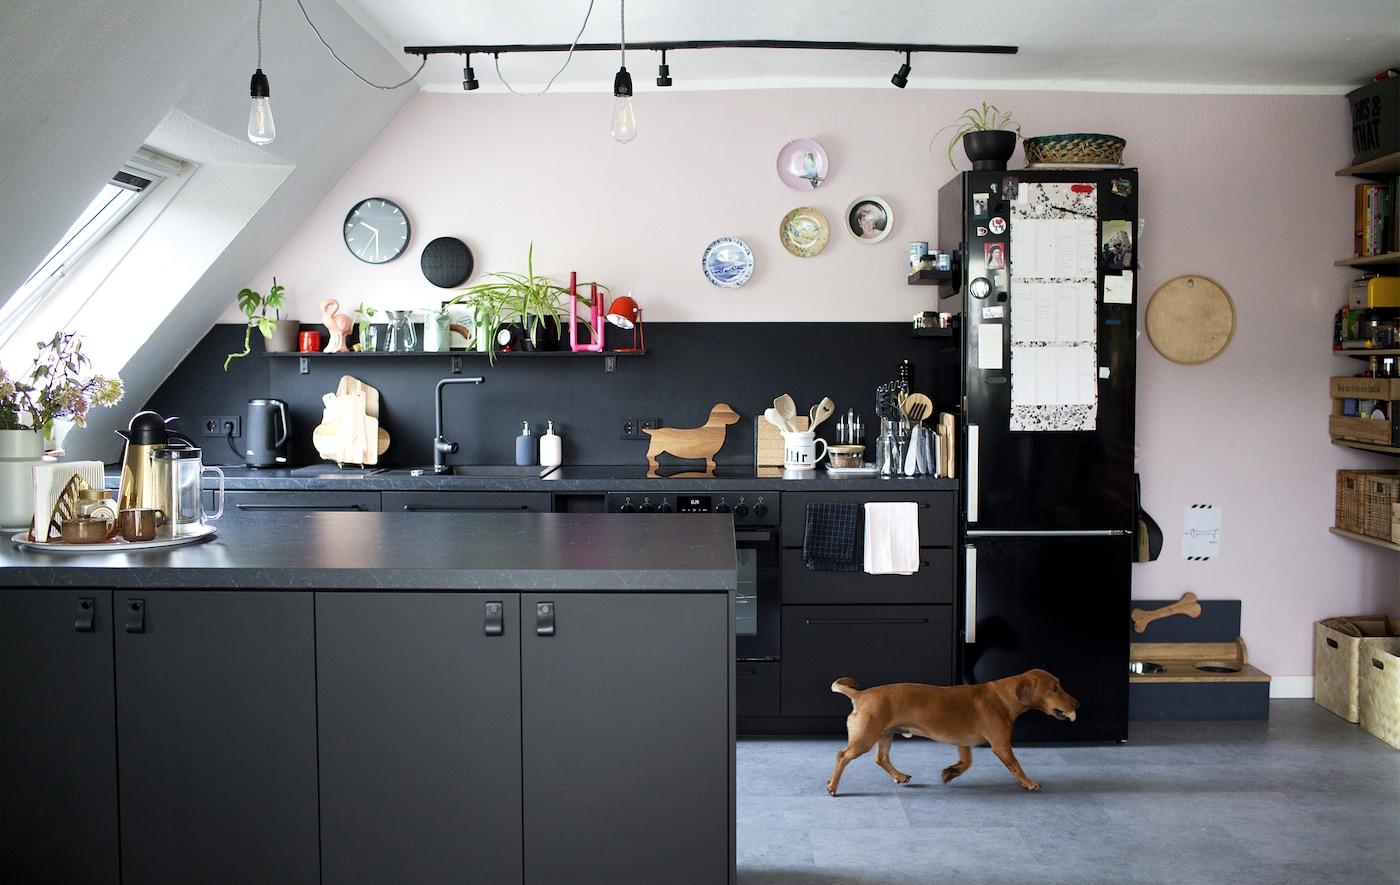 Eine Schwarz Weiße Küche Mit Hellrosa Wänden, In Der Ein Kleiner Hund Zu  Sehen